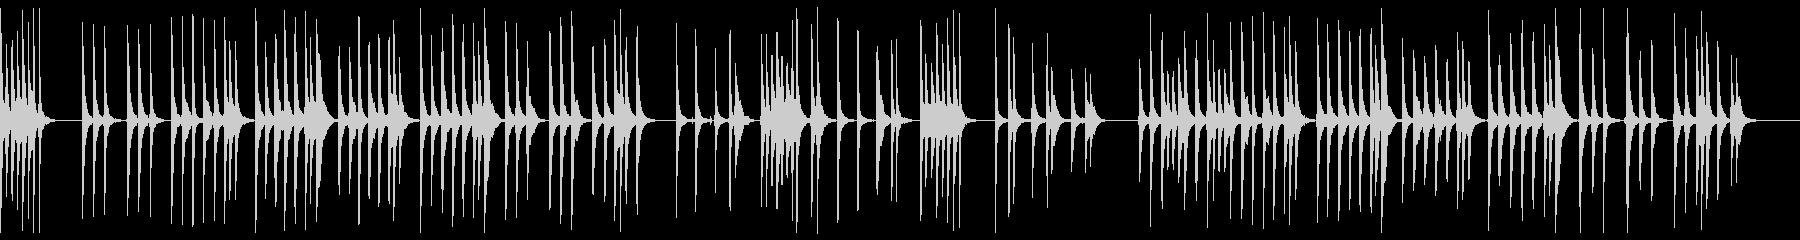 さくらさくら 三味線ソロの未再生の波形